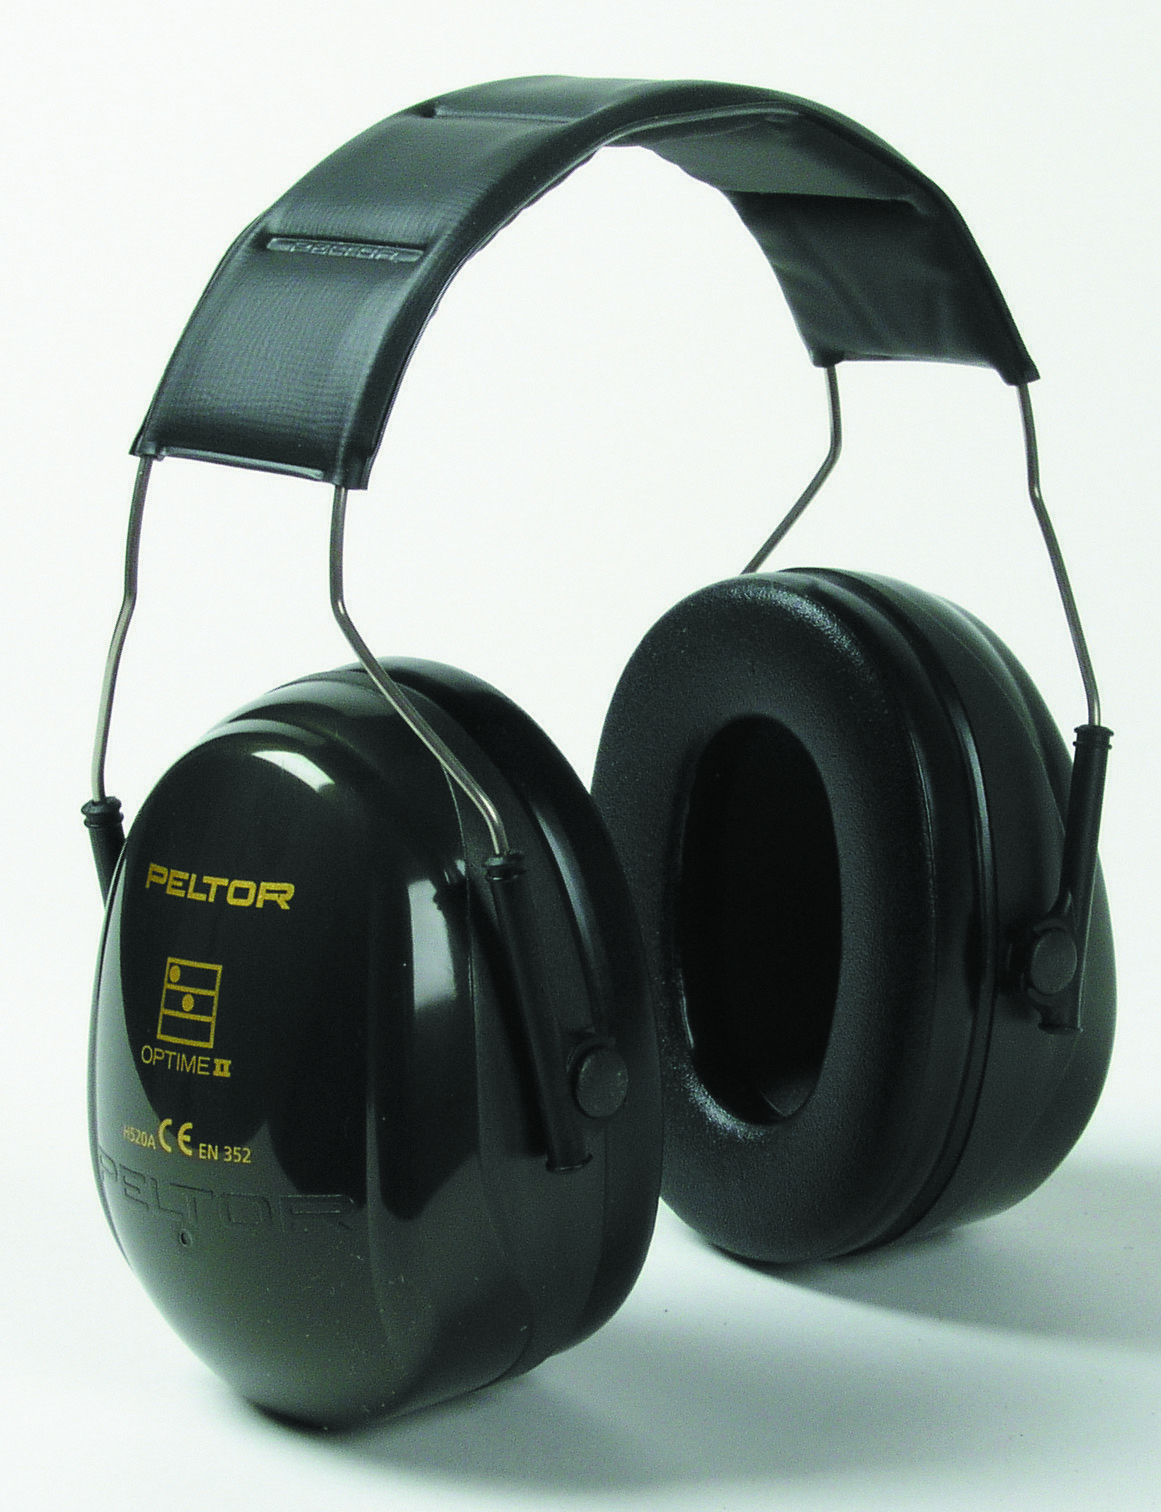 H520A optime2 PELTOR chránič sluchu zelený 45230 31dB